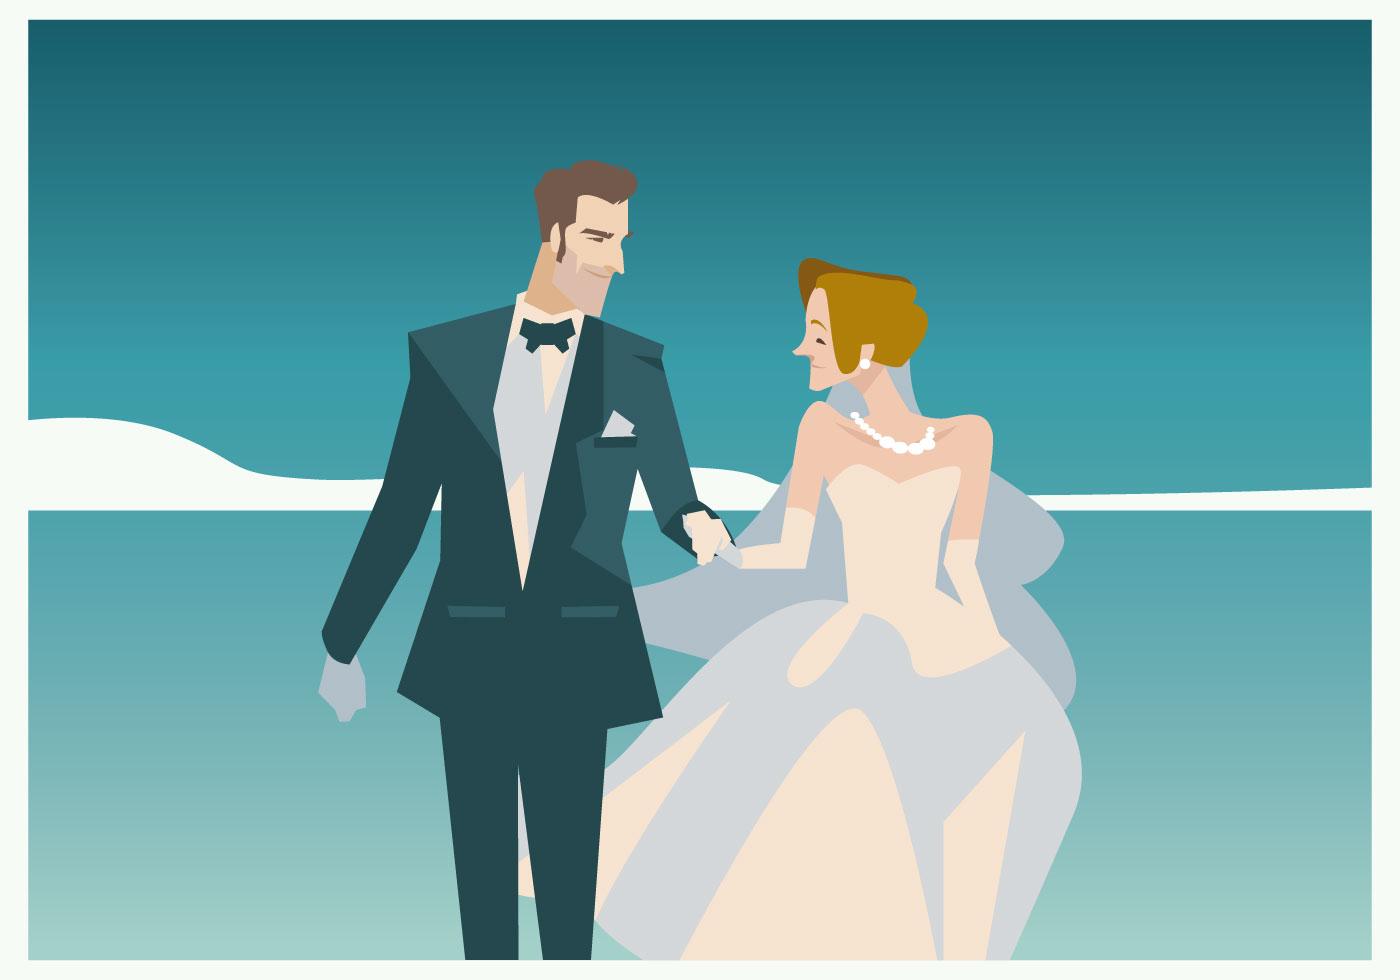 Pareja en el vector matrimonio - Descargue Gráficos y Vectores Gratis